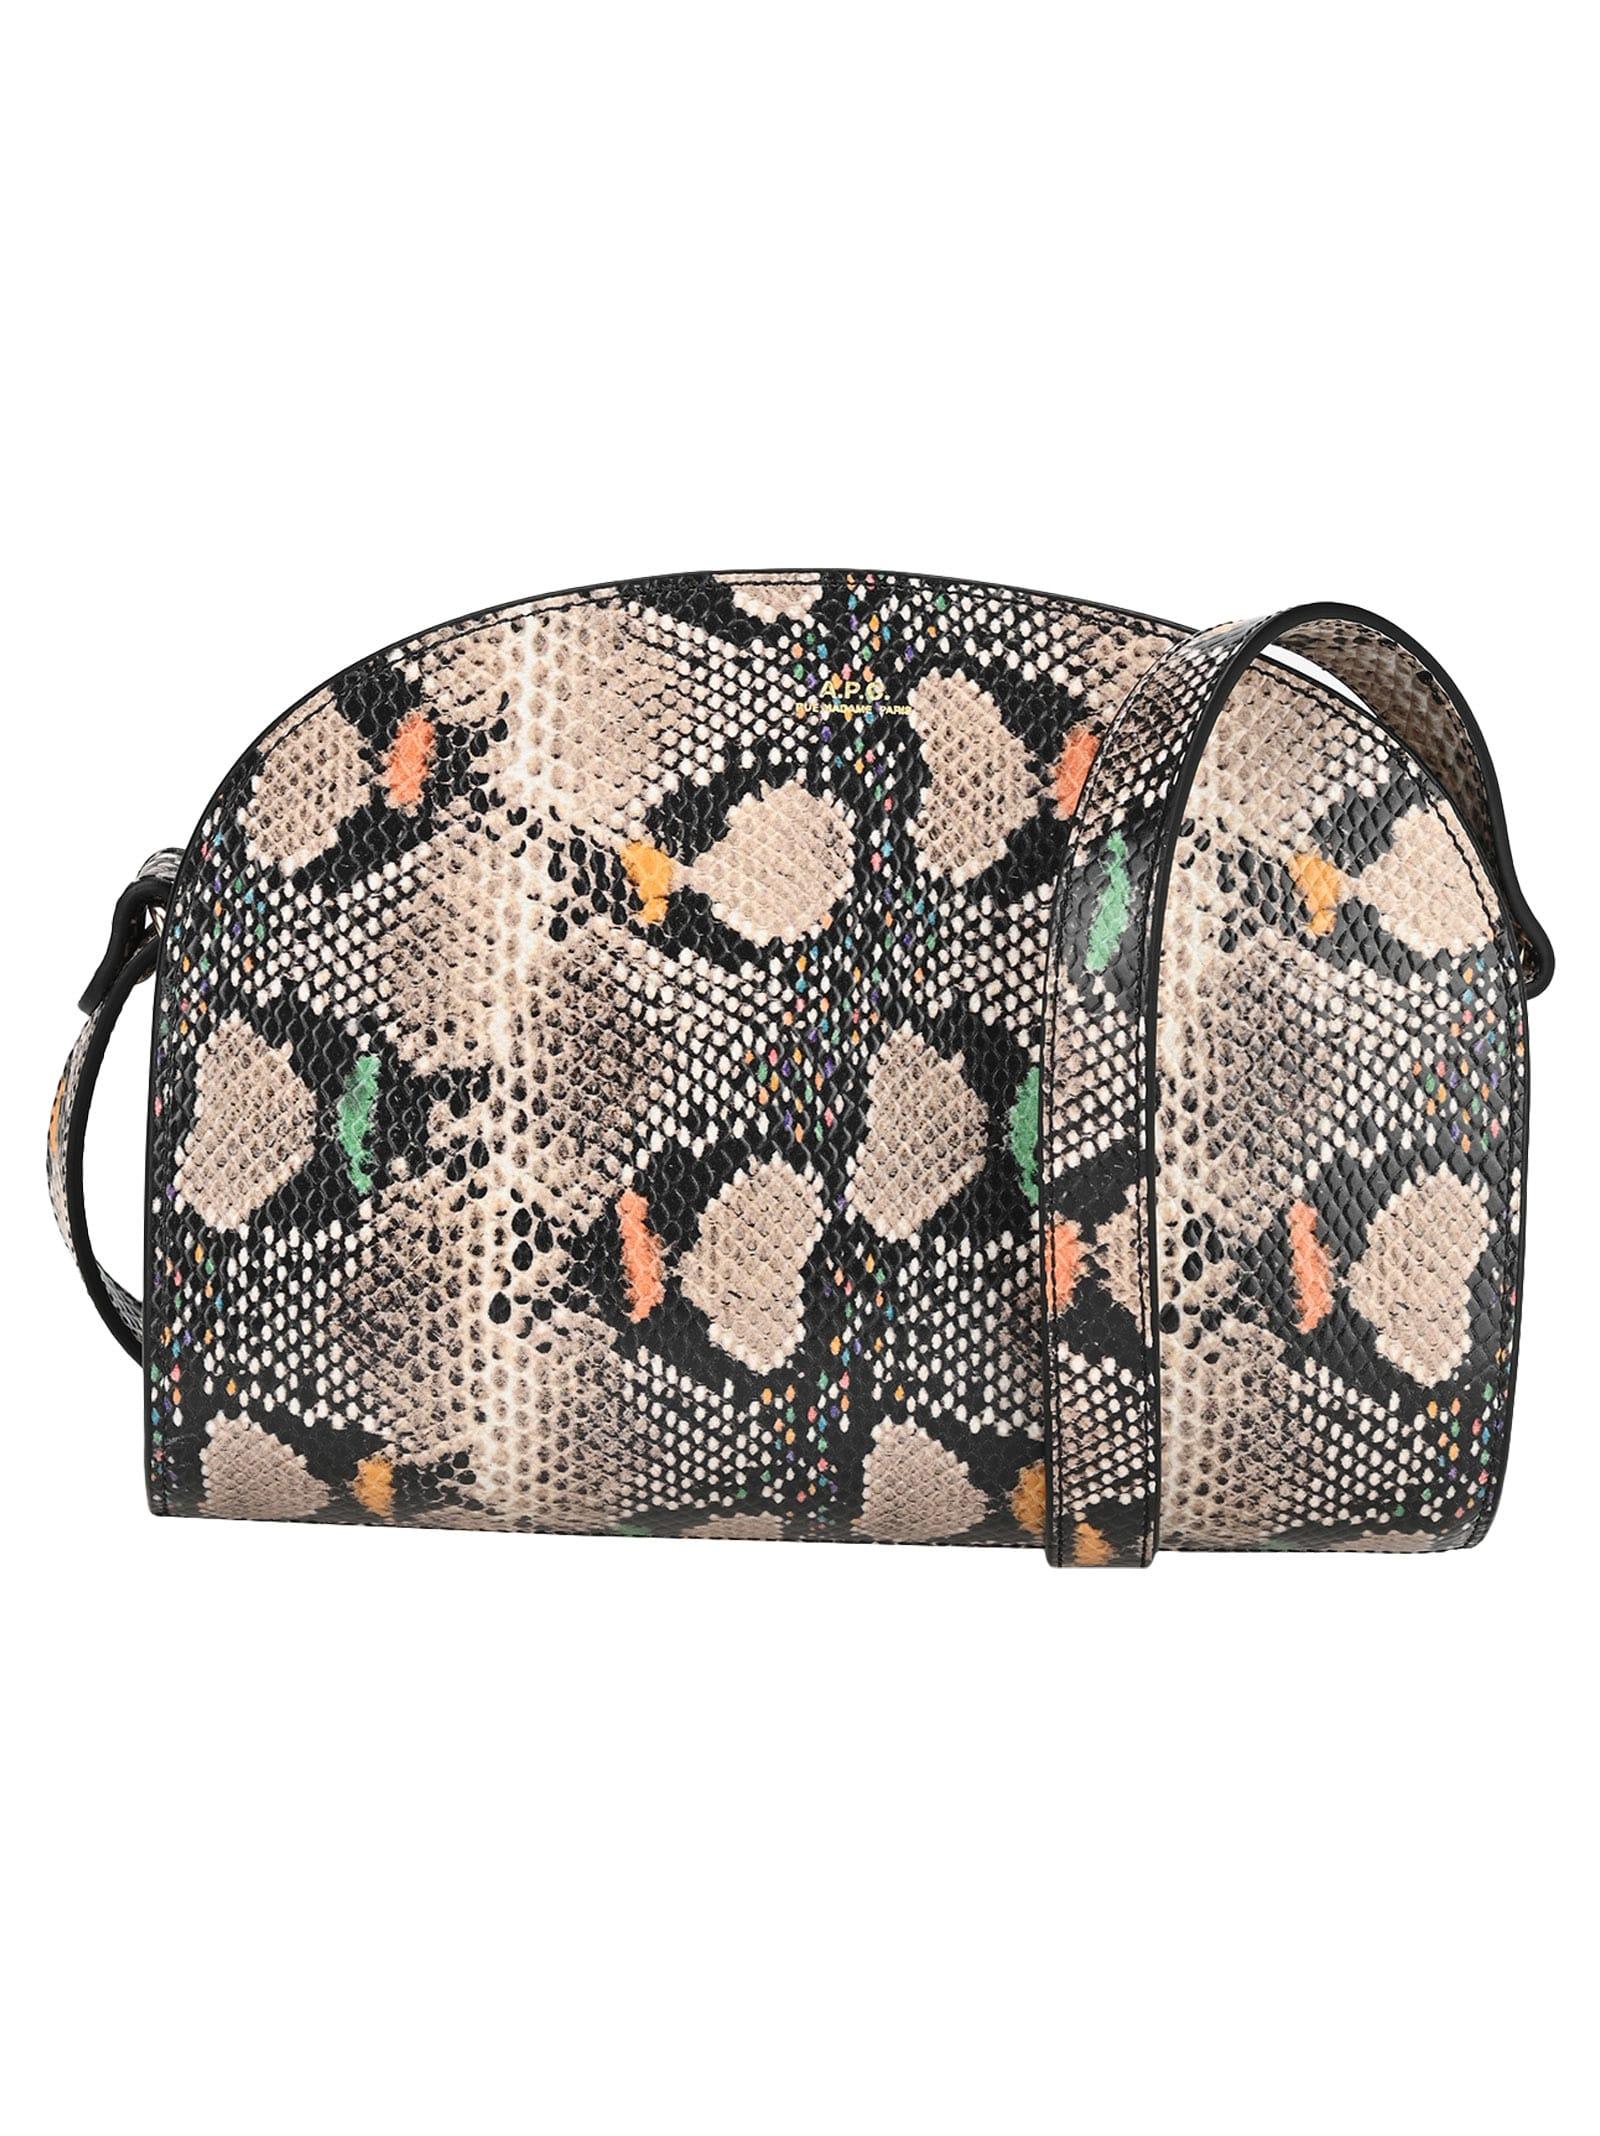 A.p.c. Sac Demi-lune Shoulder Bag